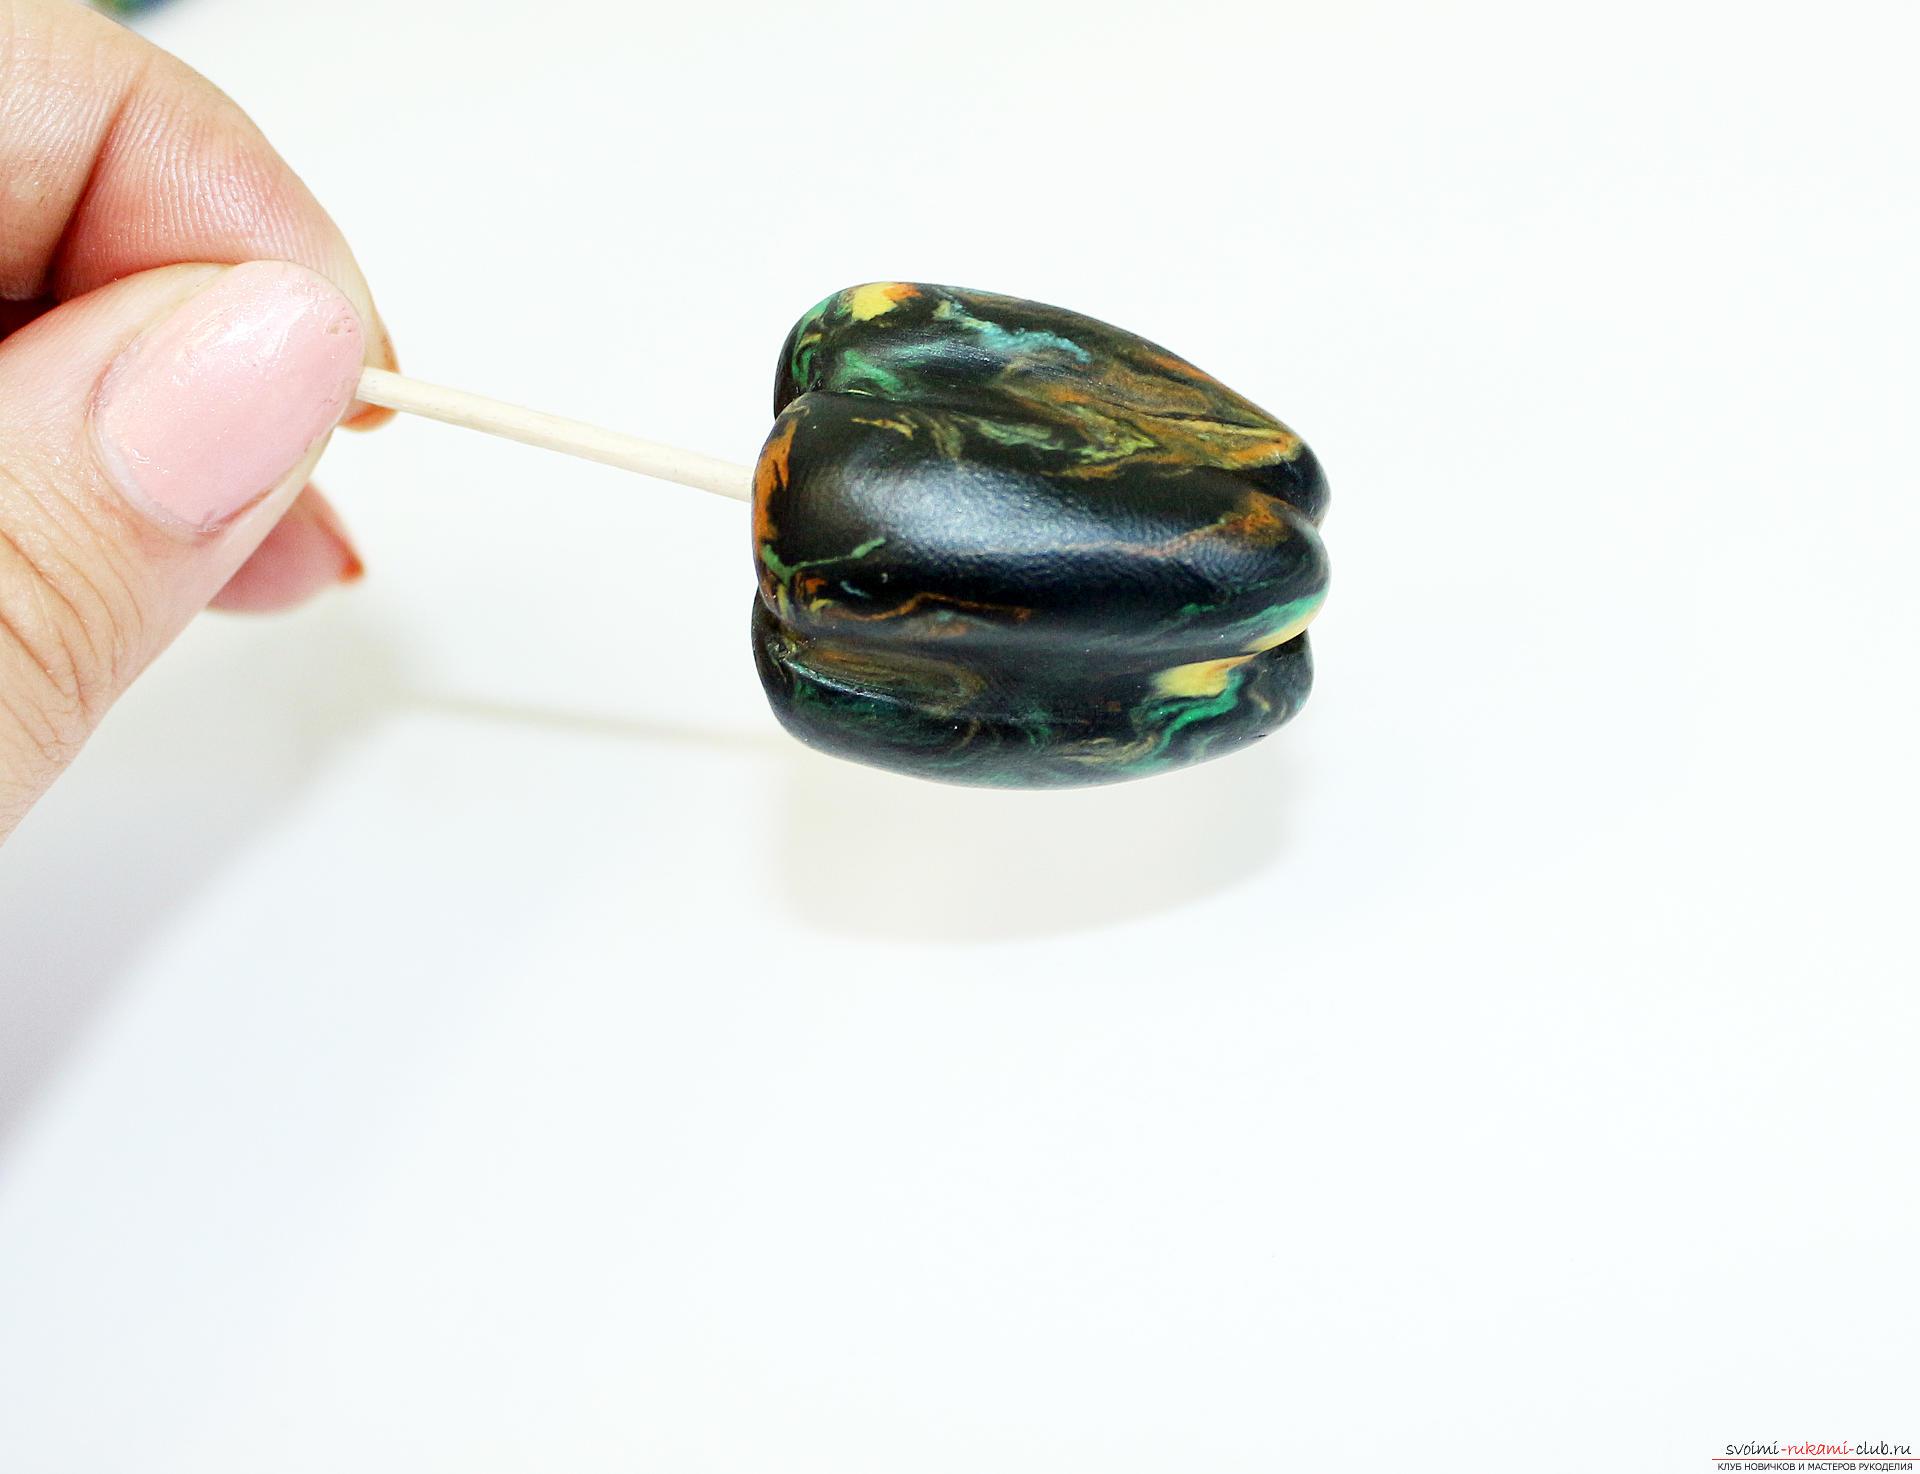 Этот подробный мастер-класс по лепке из полимерной глины расскажет как сделать своими руками фигурки из полимерной глины - овощи и фрукты для детей.. Фото №22